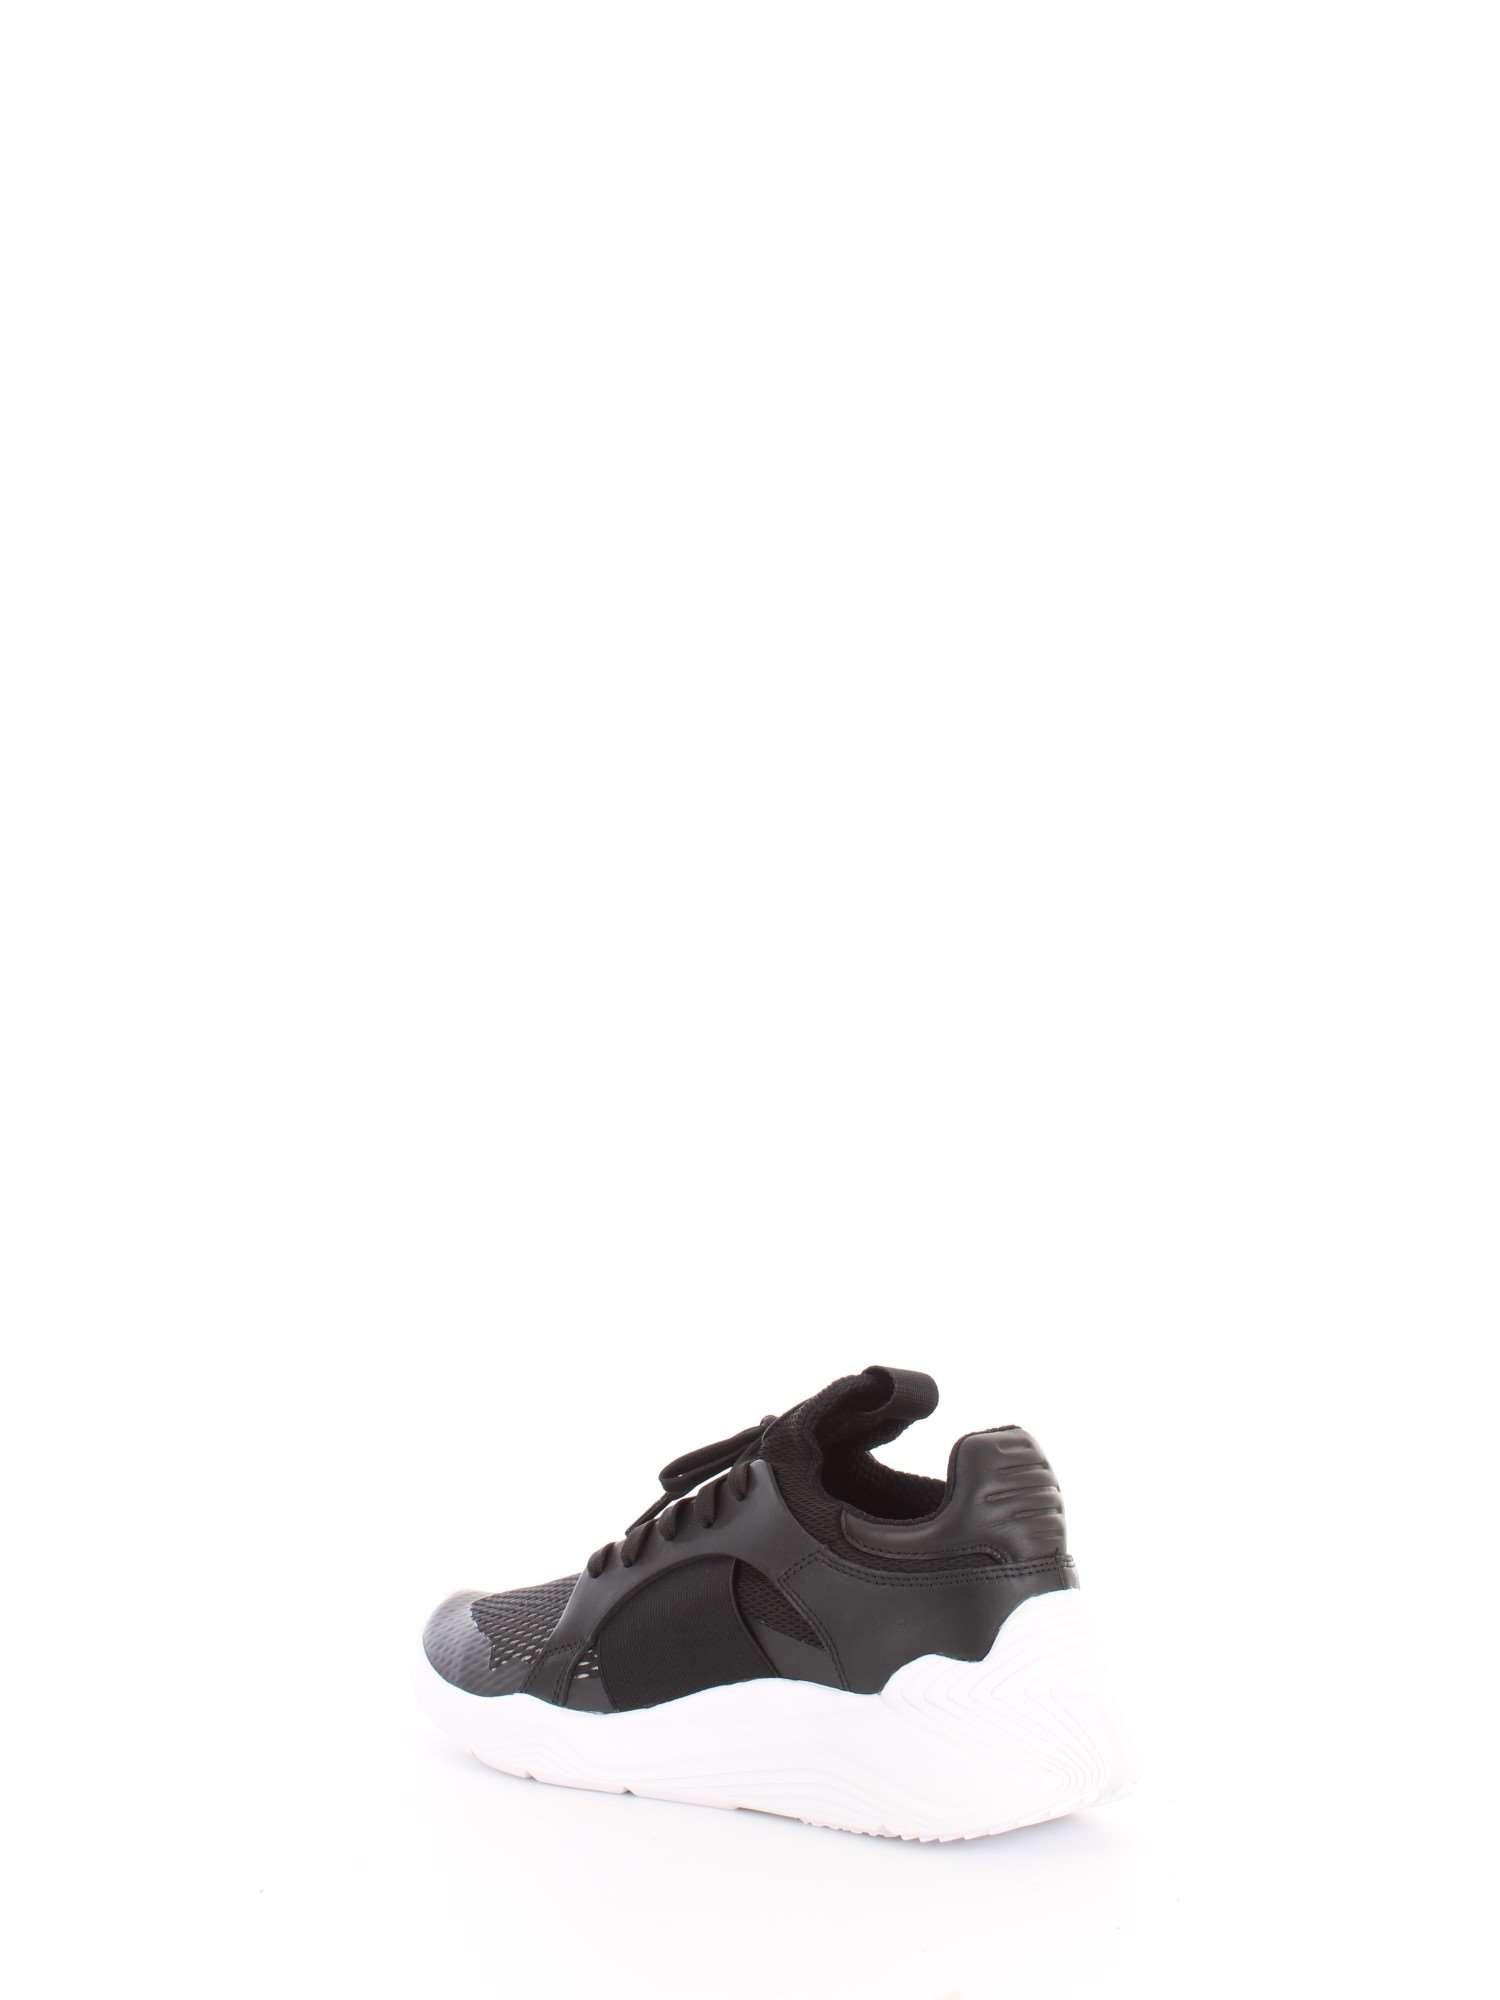 été Mcqueen Noir Alexander Homme Printemps Sneakers 1006 Mcq R2561 544904 UqHSwR